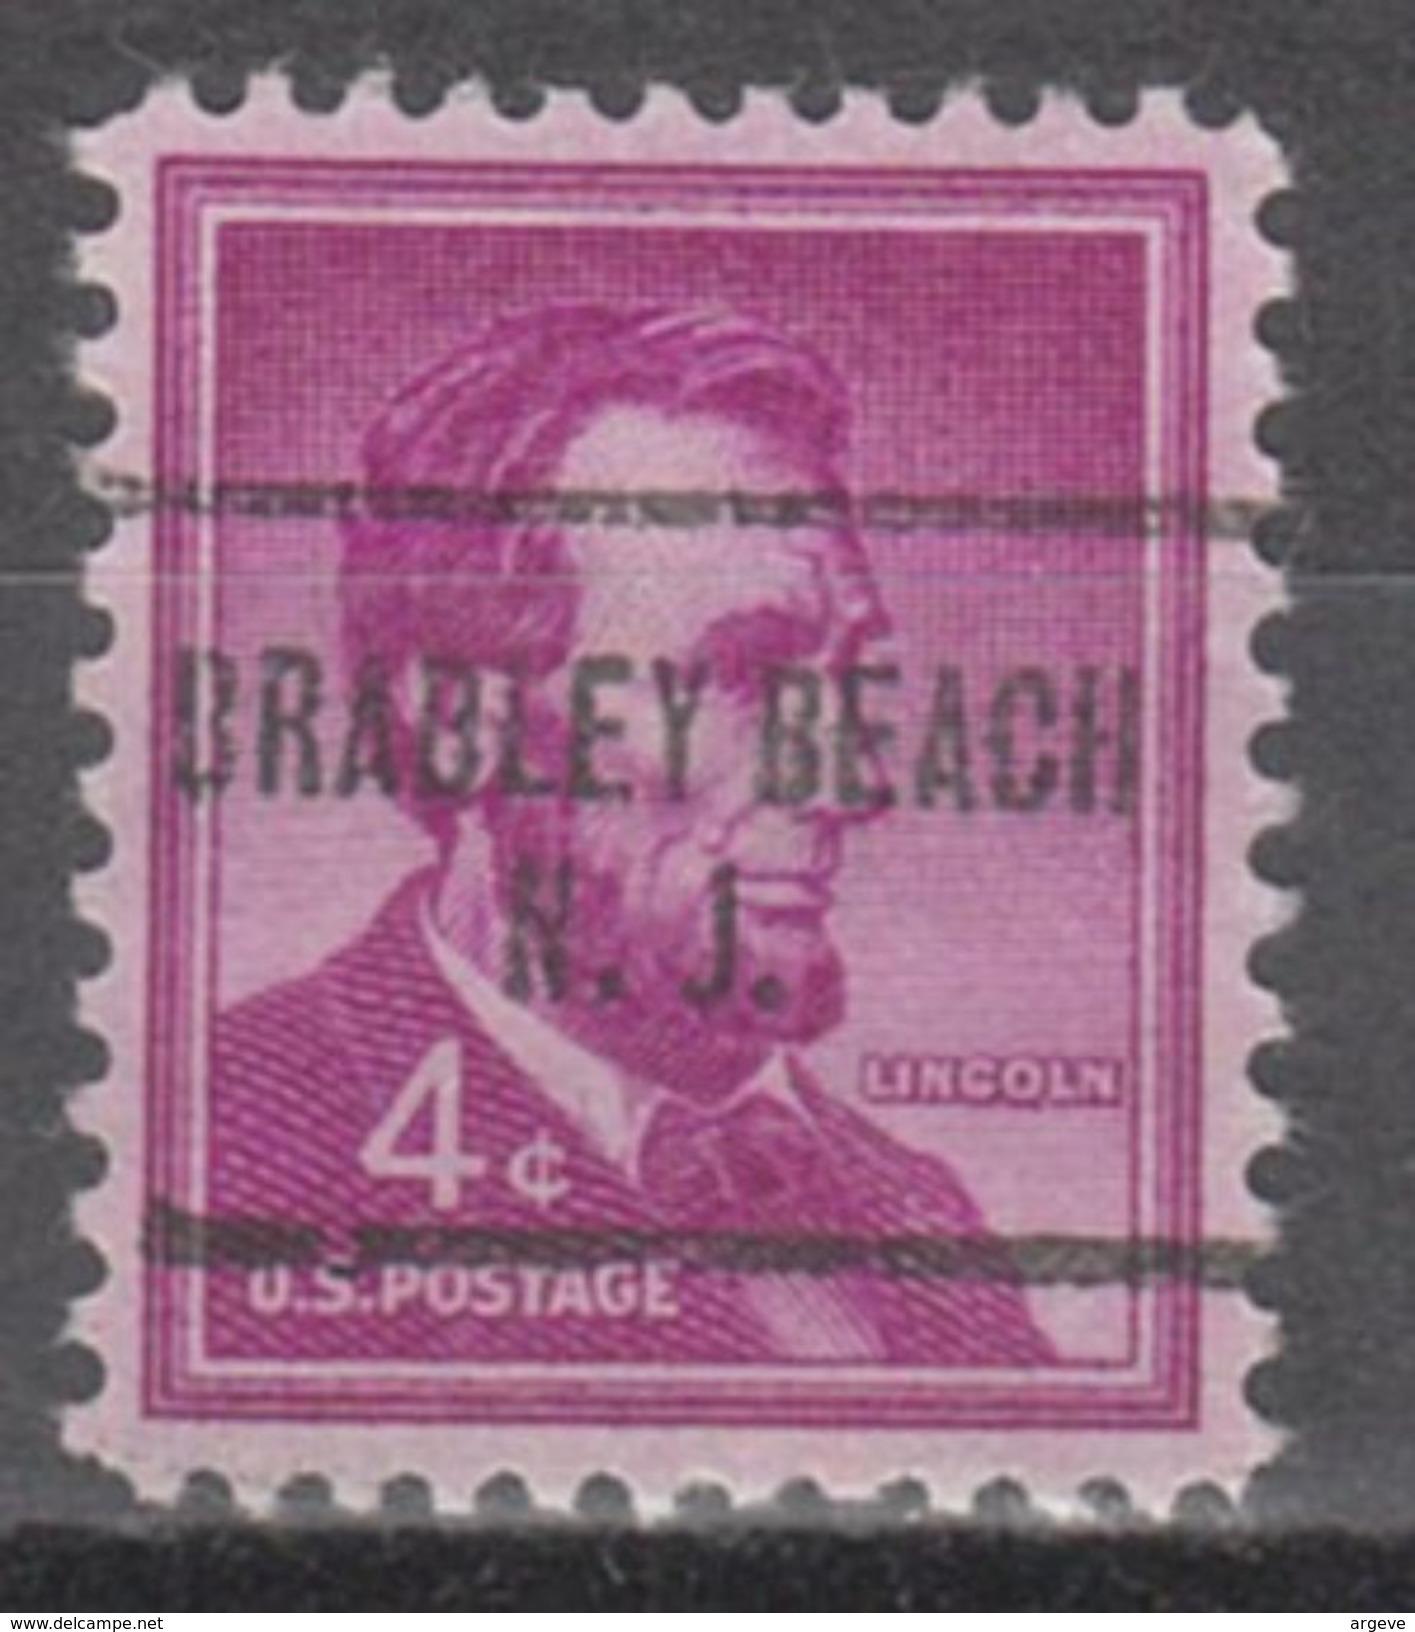 USA Precancel Vorausentwertungen Preo, Locals New Jersey, Bradley Beach 704 - Vereinigte Staaten